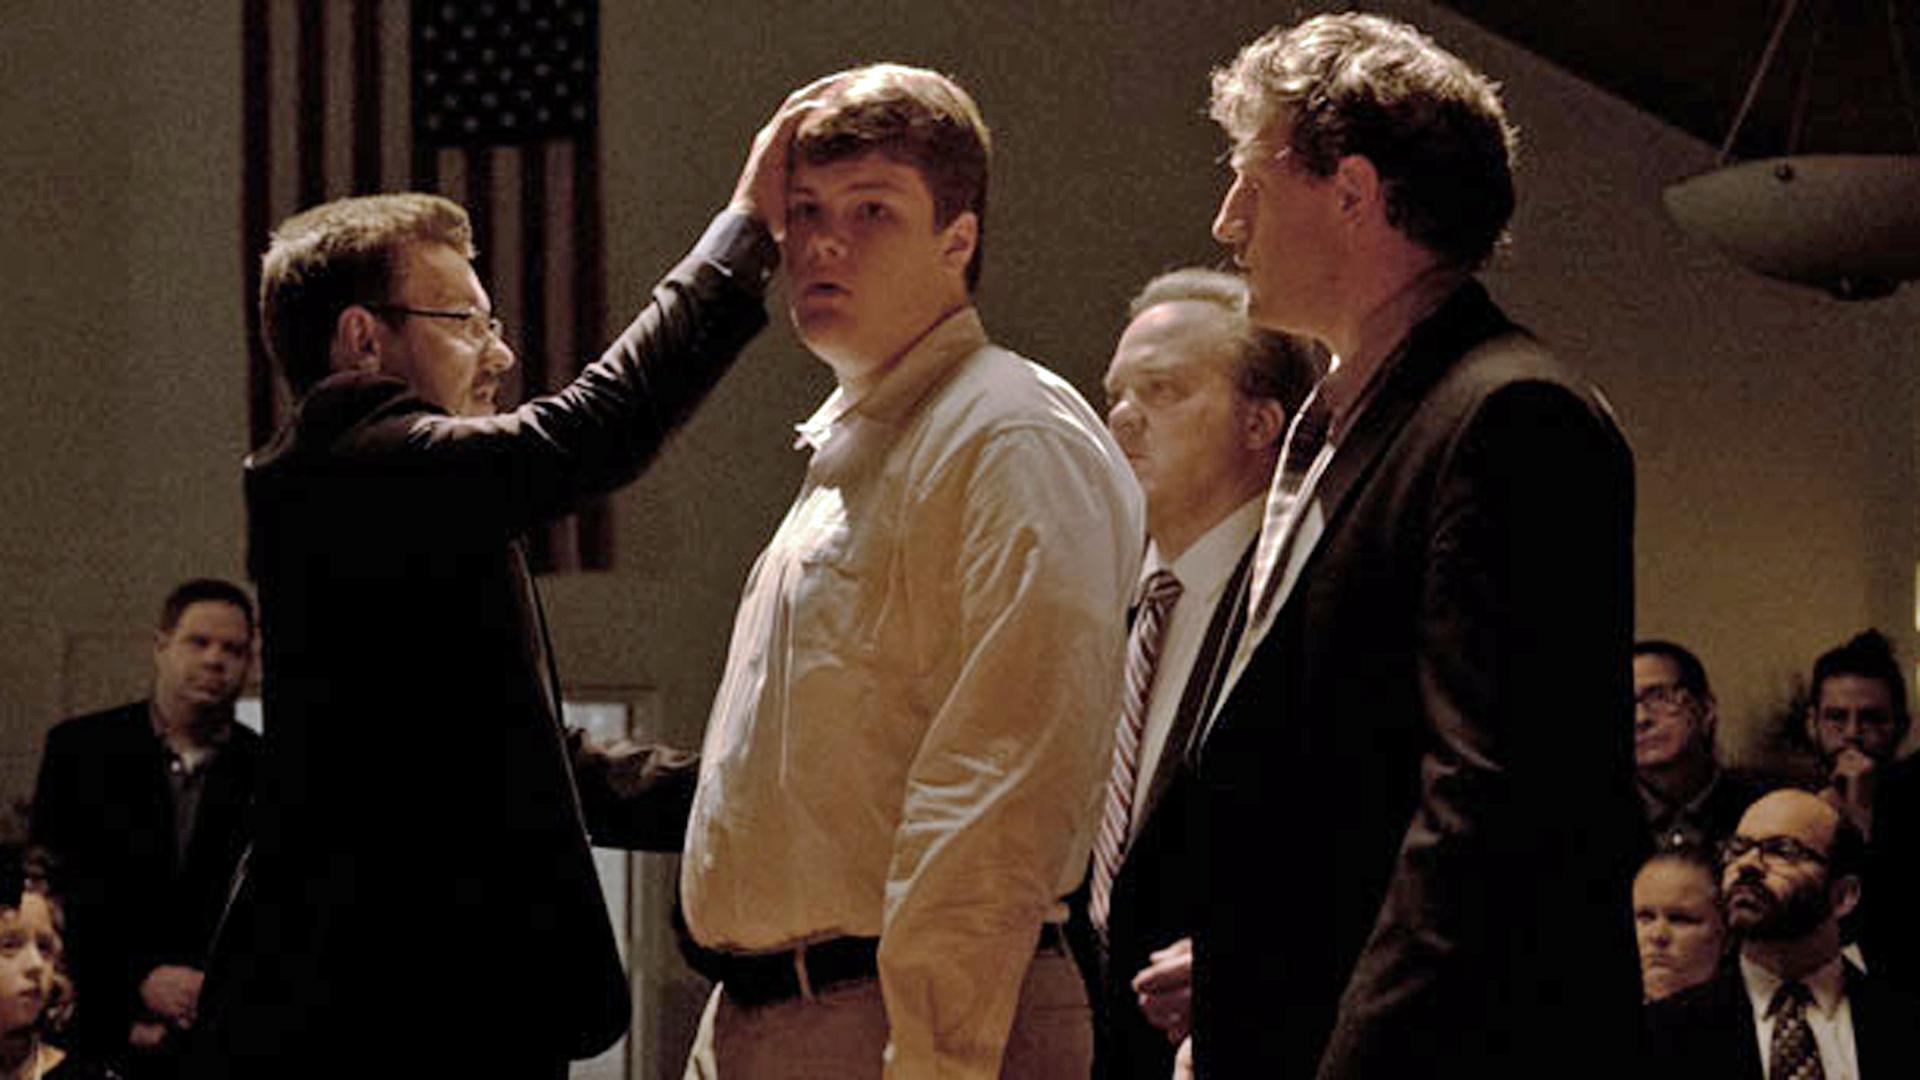 Im Rahmen der Konversiontherapie versucht sich der Kursleiter Victor Sykes (links, Joel Edgerton) an einer Art Dämonenaustreibung